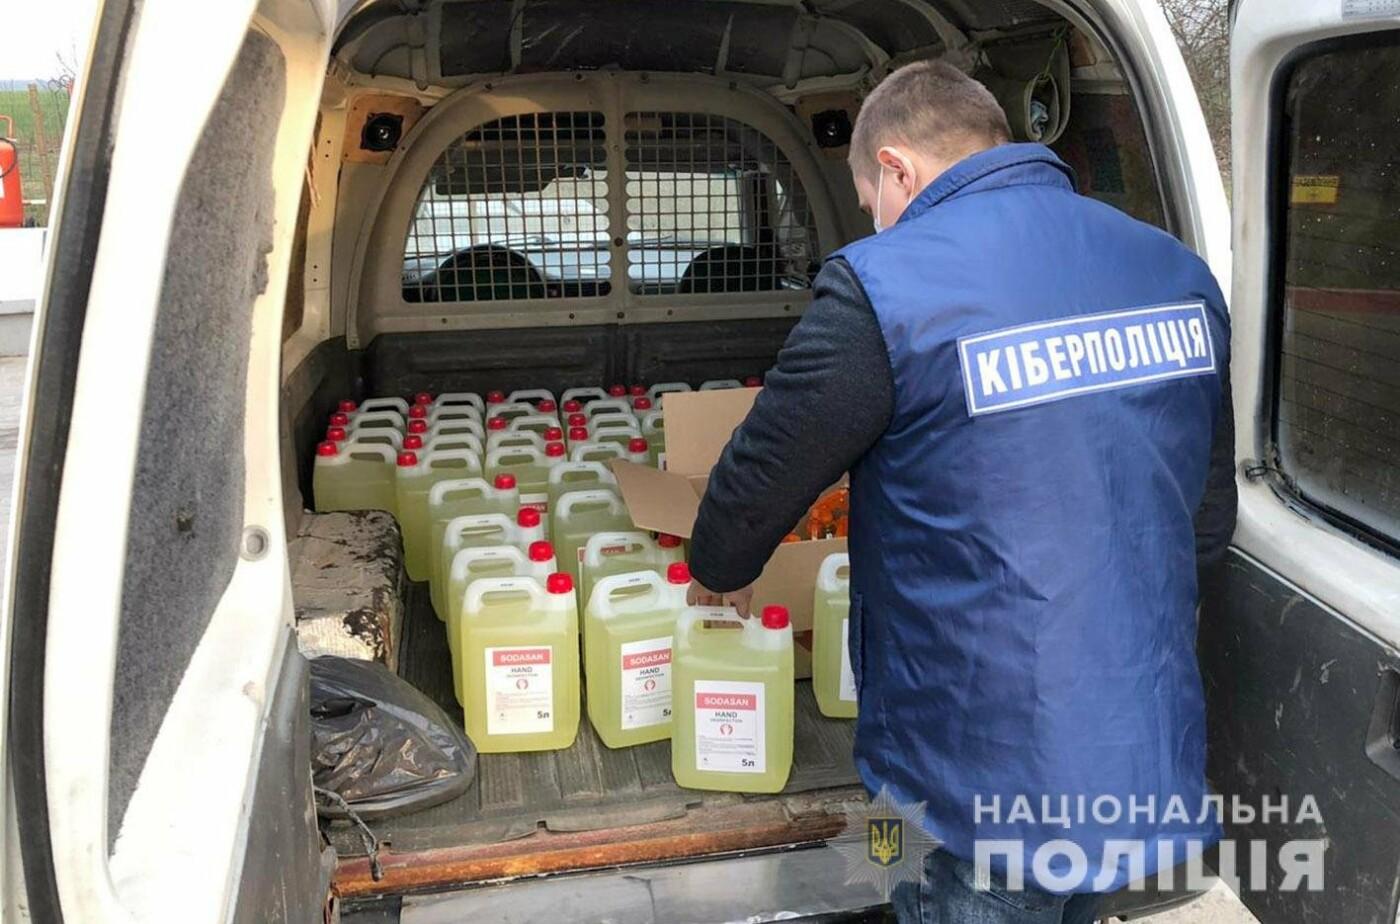 На Хмельниччині кіберполіція виявила чоловіка, який здійснював незаконну торгівлю антисептичним засобом , фото-2